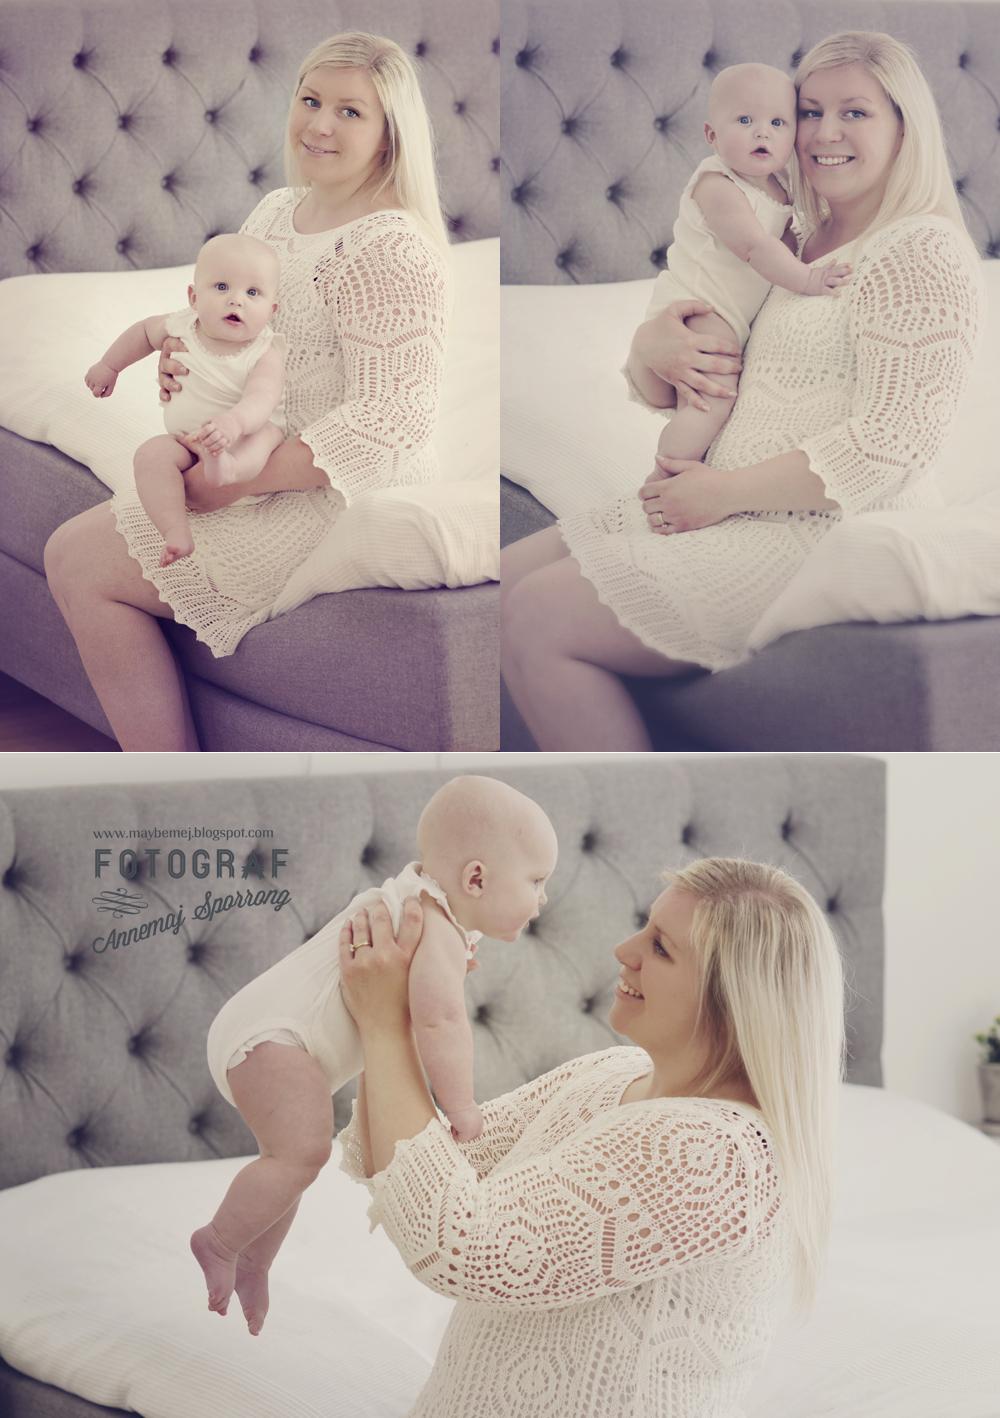 babyphotography-2-900x1276